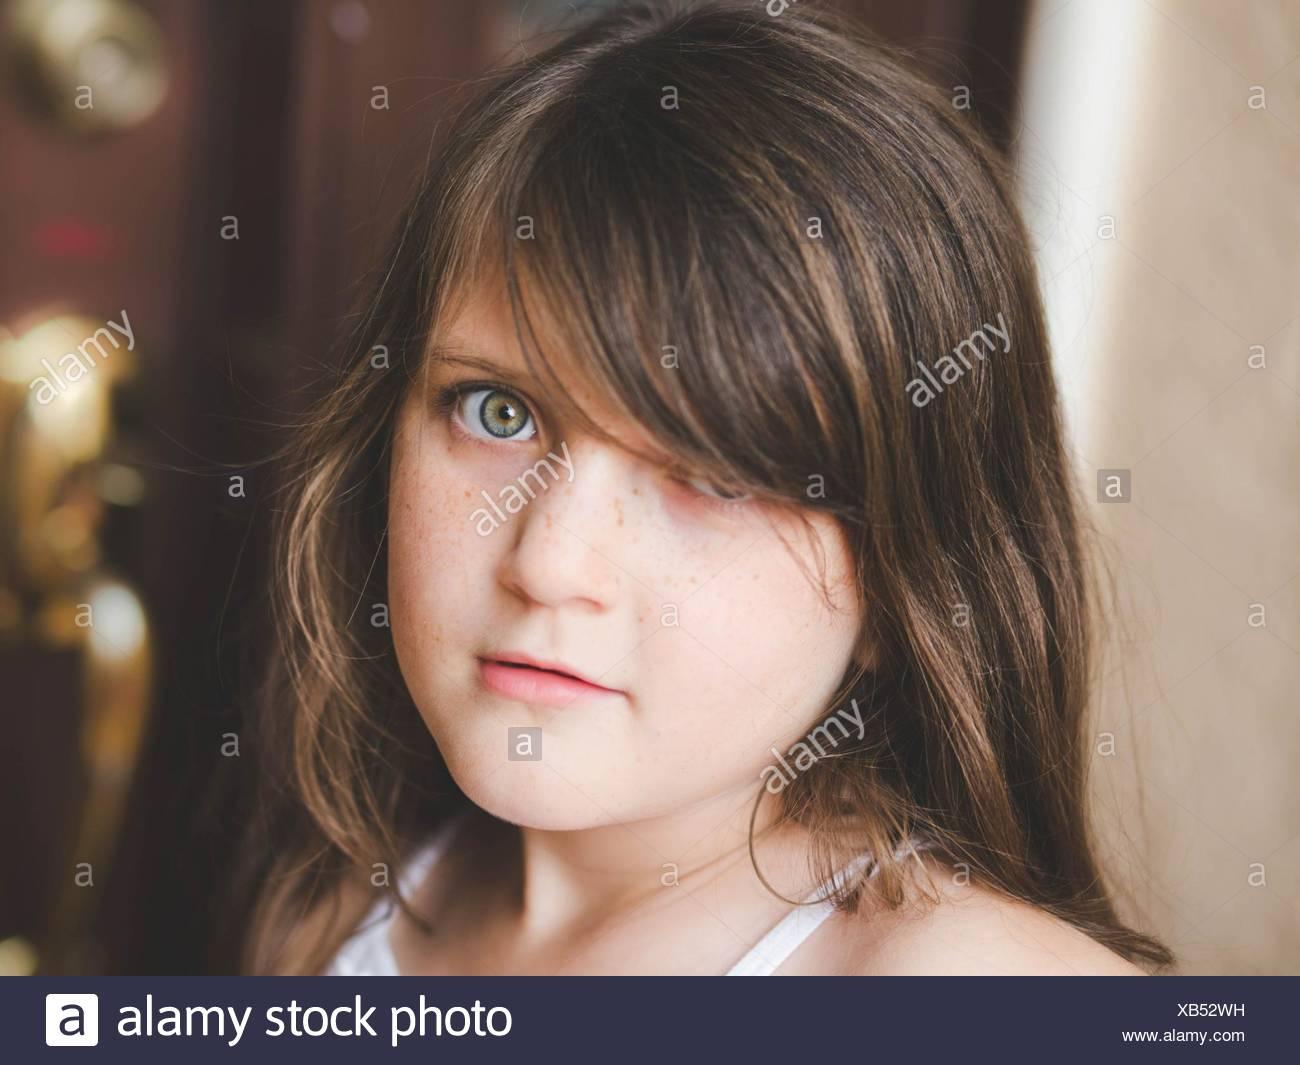 Pre ragazza adolescente guardando la fotocamera Immagini Stock